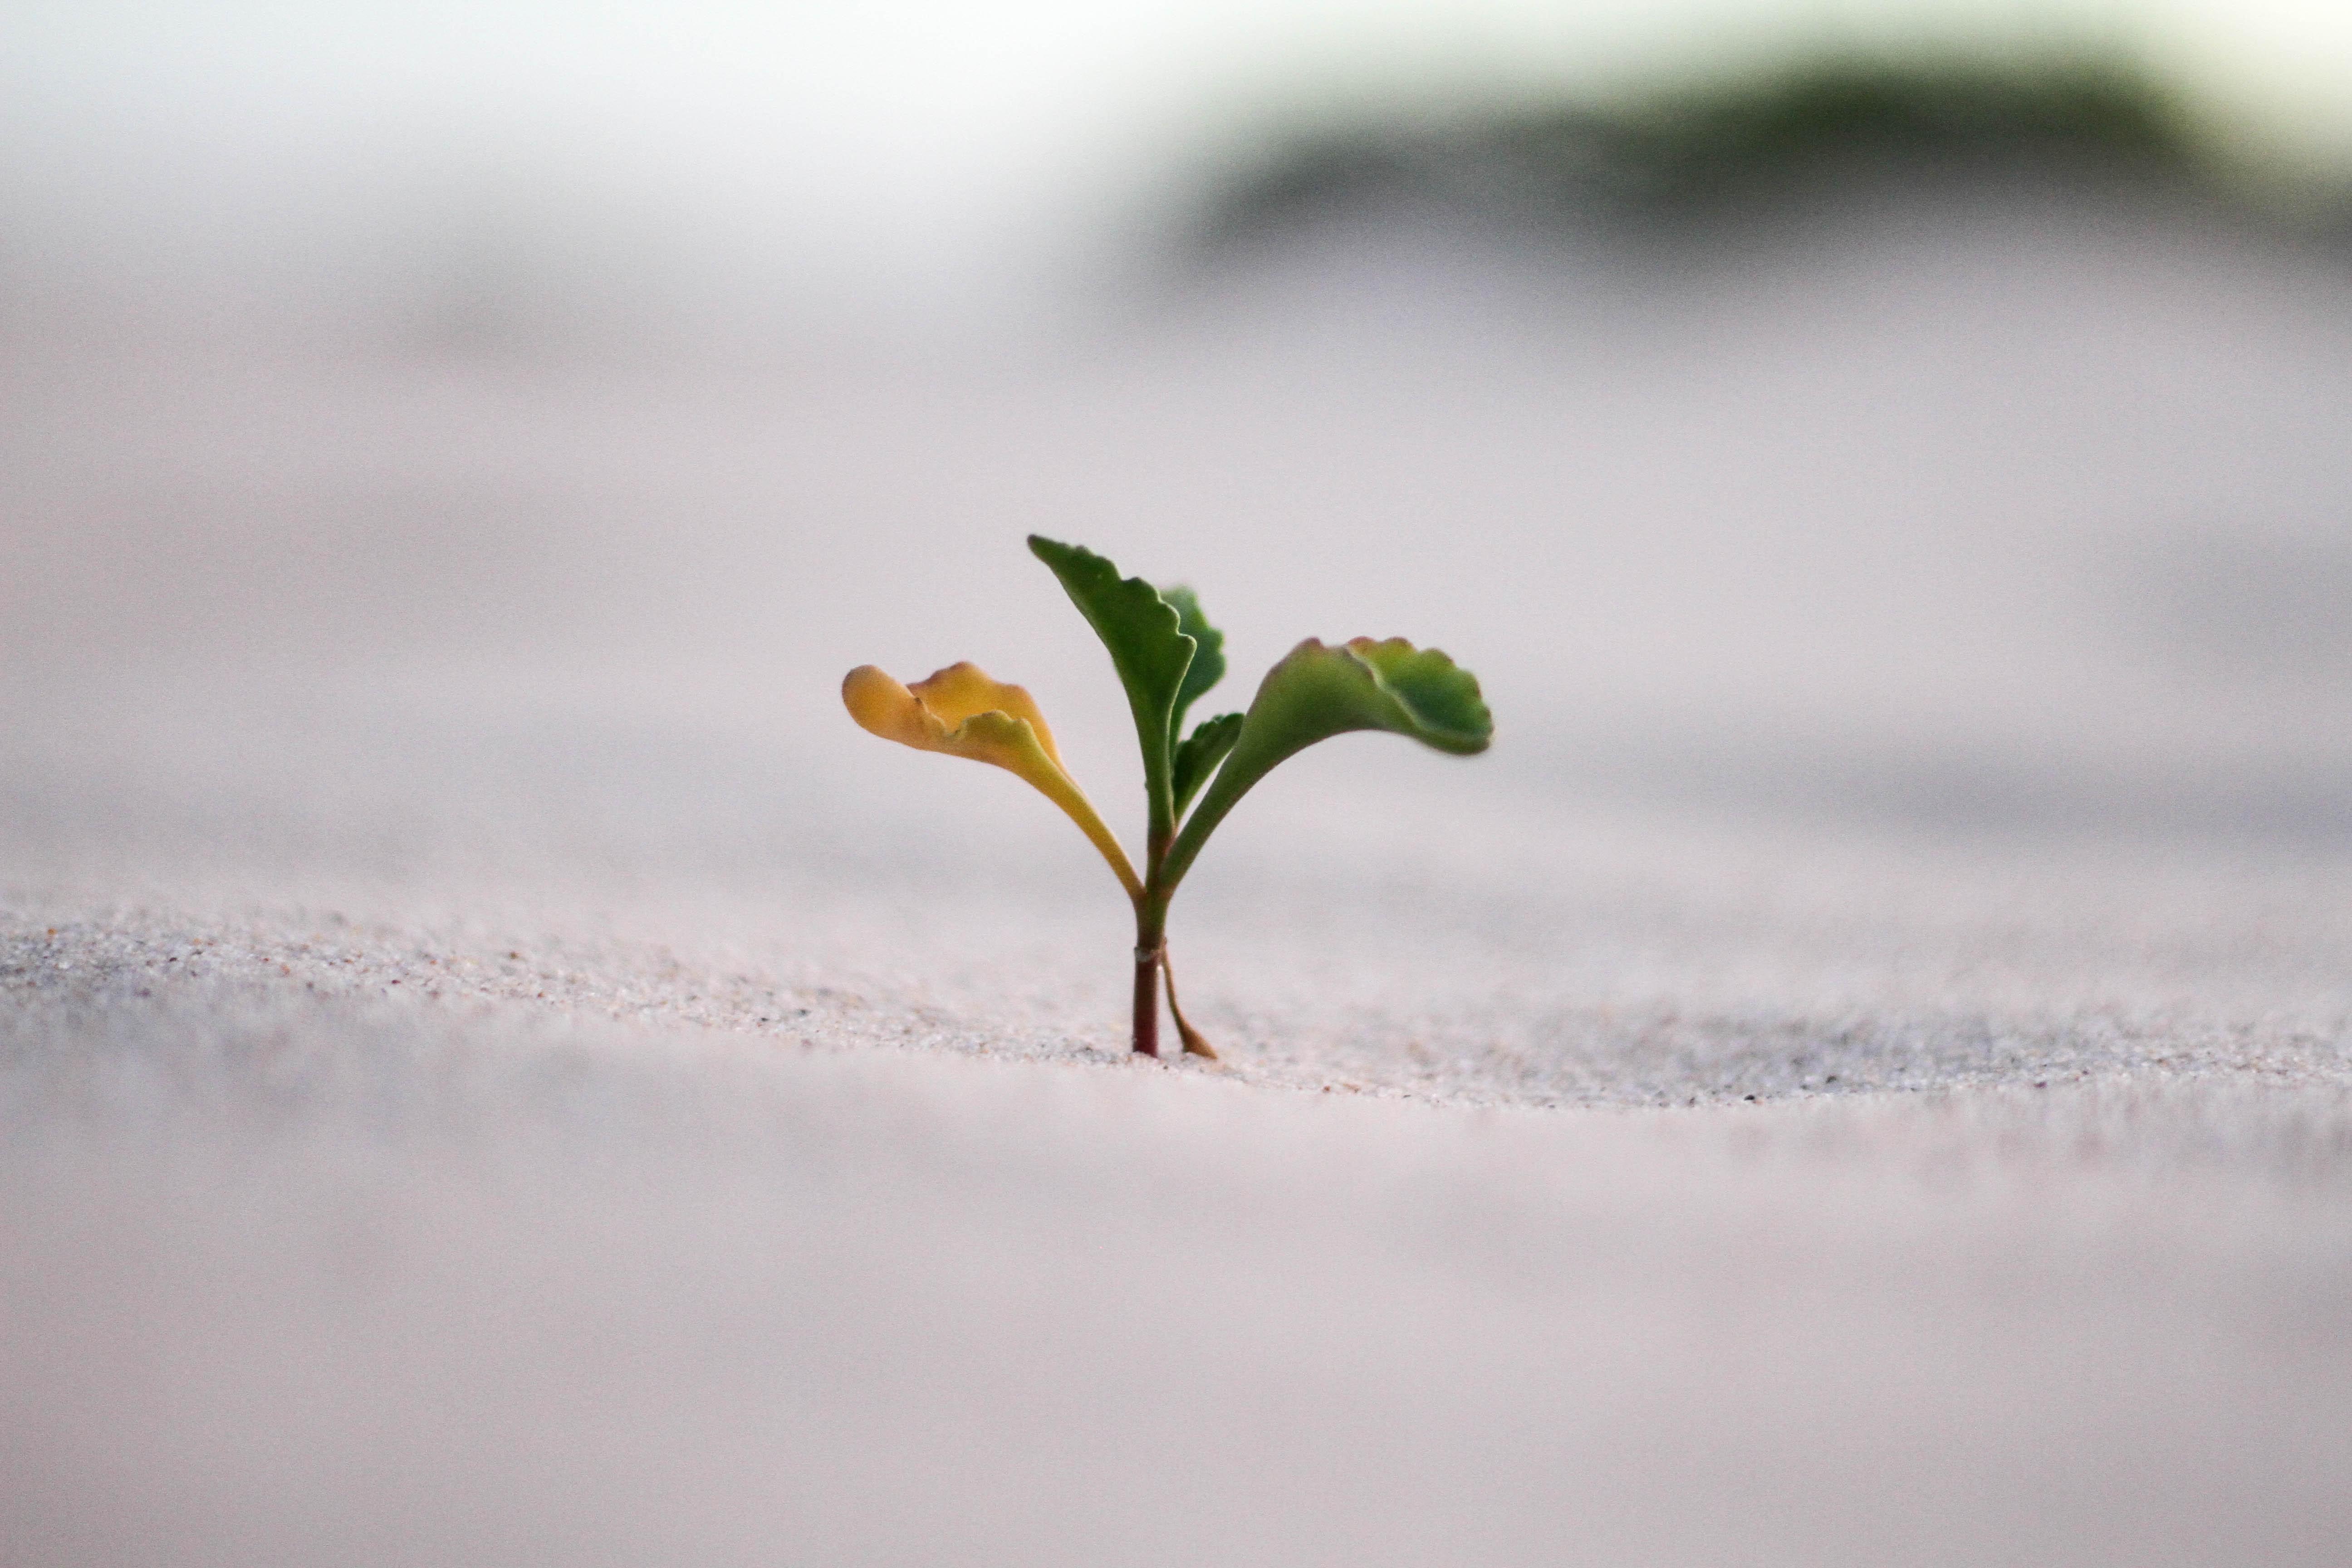 proceso de crecimiento